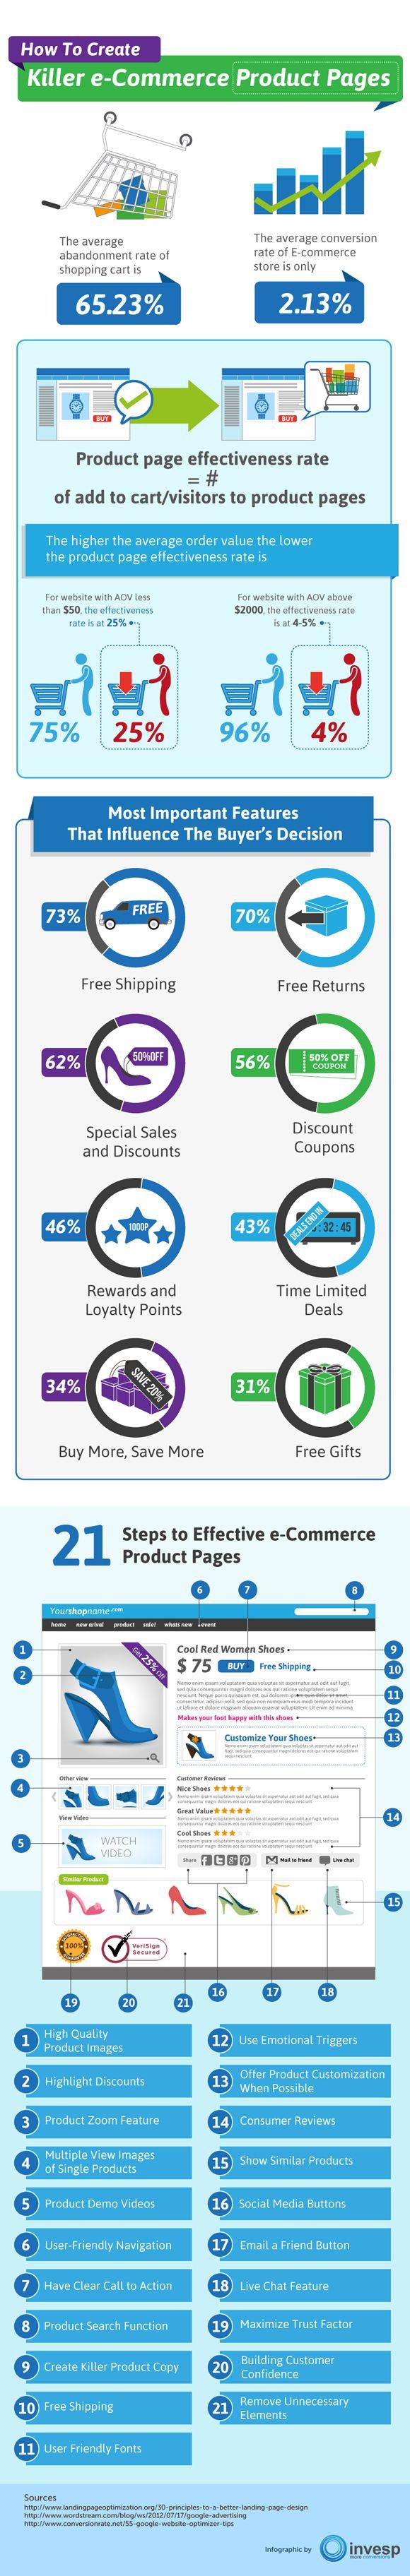 Binnen de e-commerce draait het allemaal om conversie. Hoe behaal je een zo hoog mogelijk rendement uit het aantal potentiële kopers dat jouw webwinkel bezoekt?